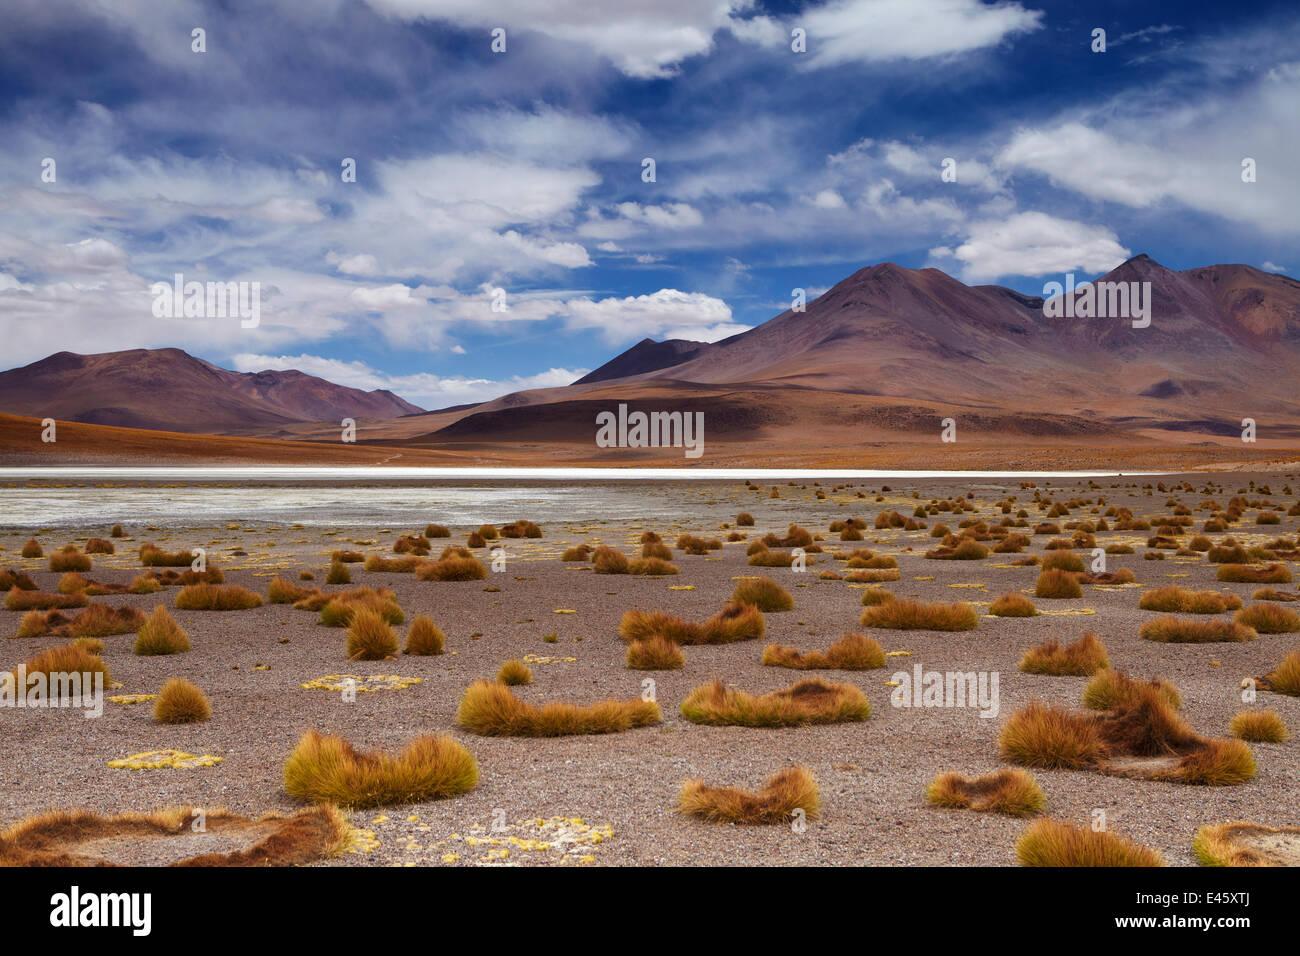 Die abgelegene Region der Hochwüste, Altiplano und Vulkane in der Nähe von Tapaquilcha, Bolivien, Dezember Stockbild